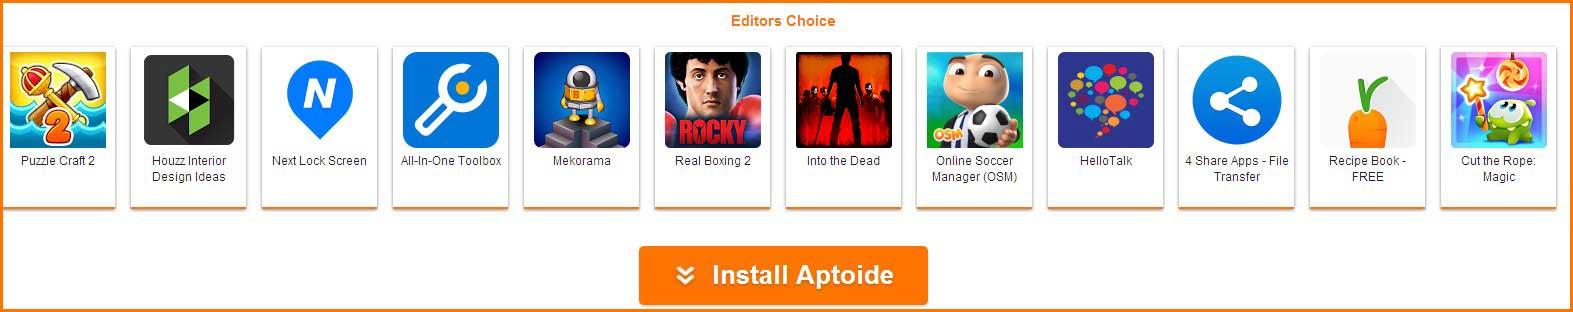 aptoide apps